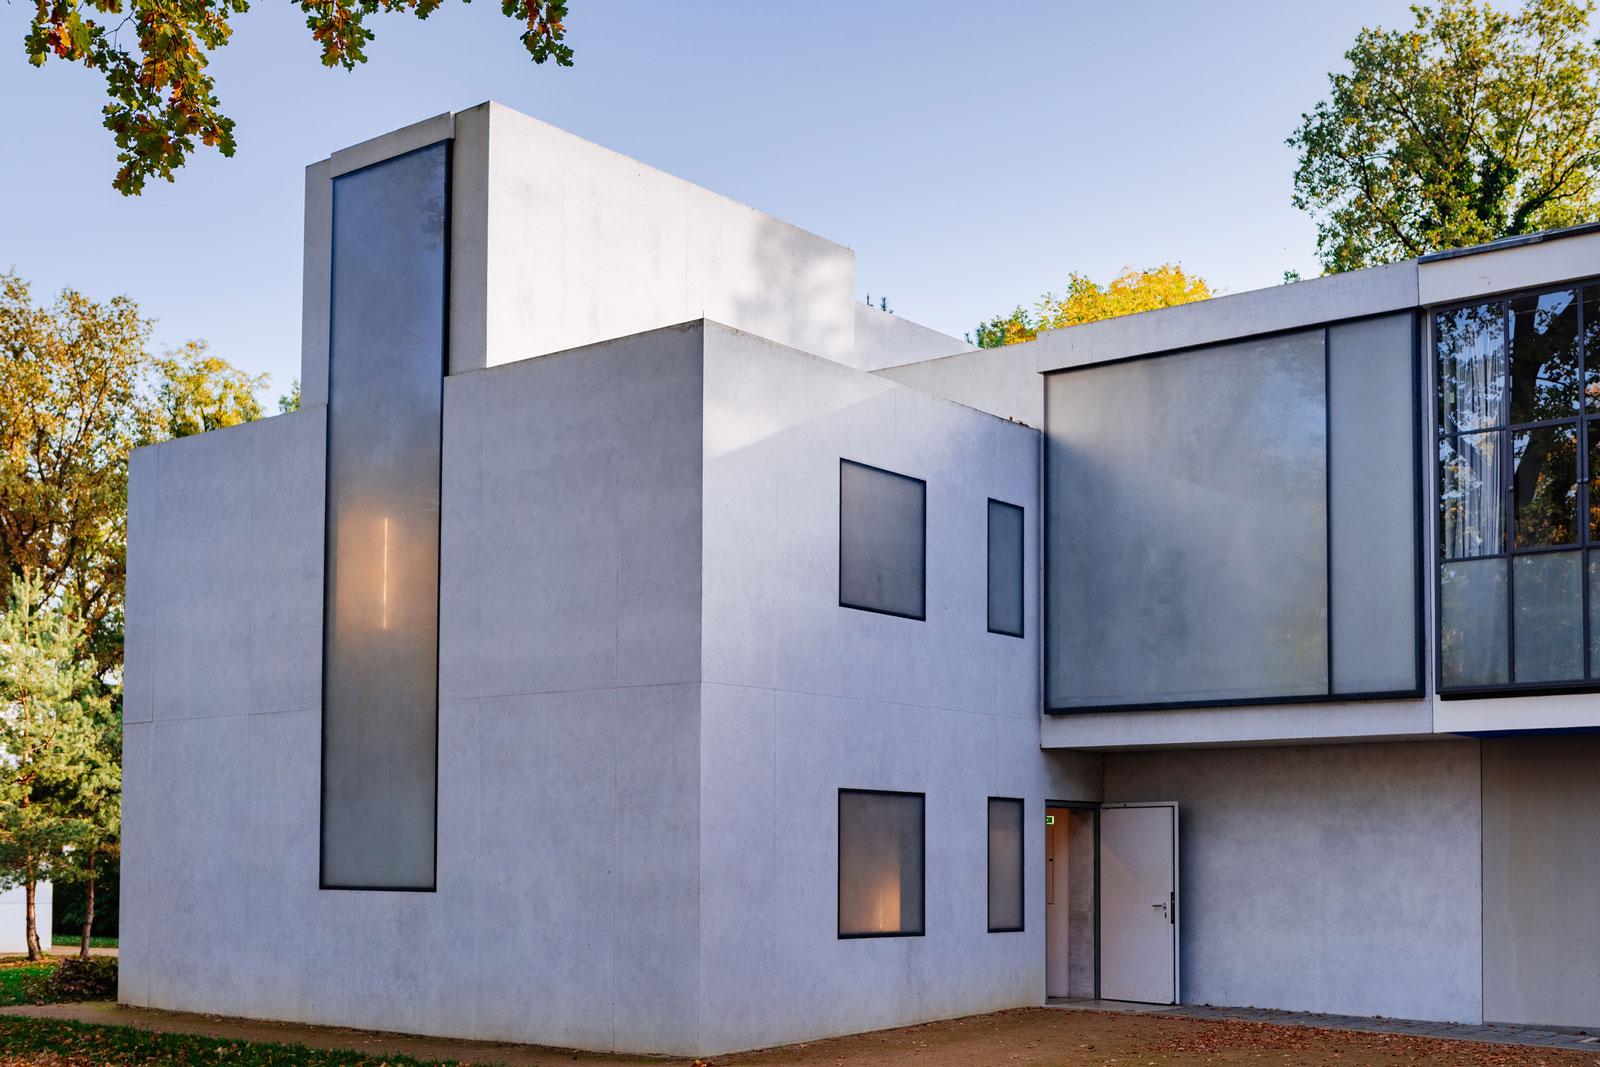 Stilvoll: Das Flachdach unterstreicht die geometrischen Formen der Bauhausarchitektur.